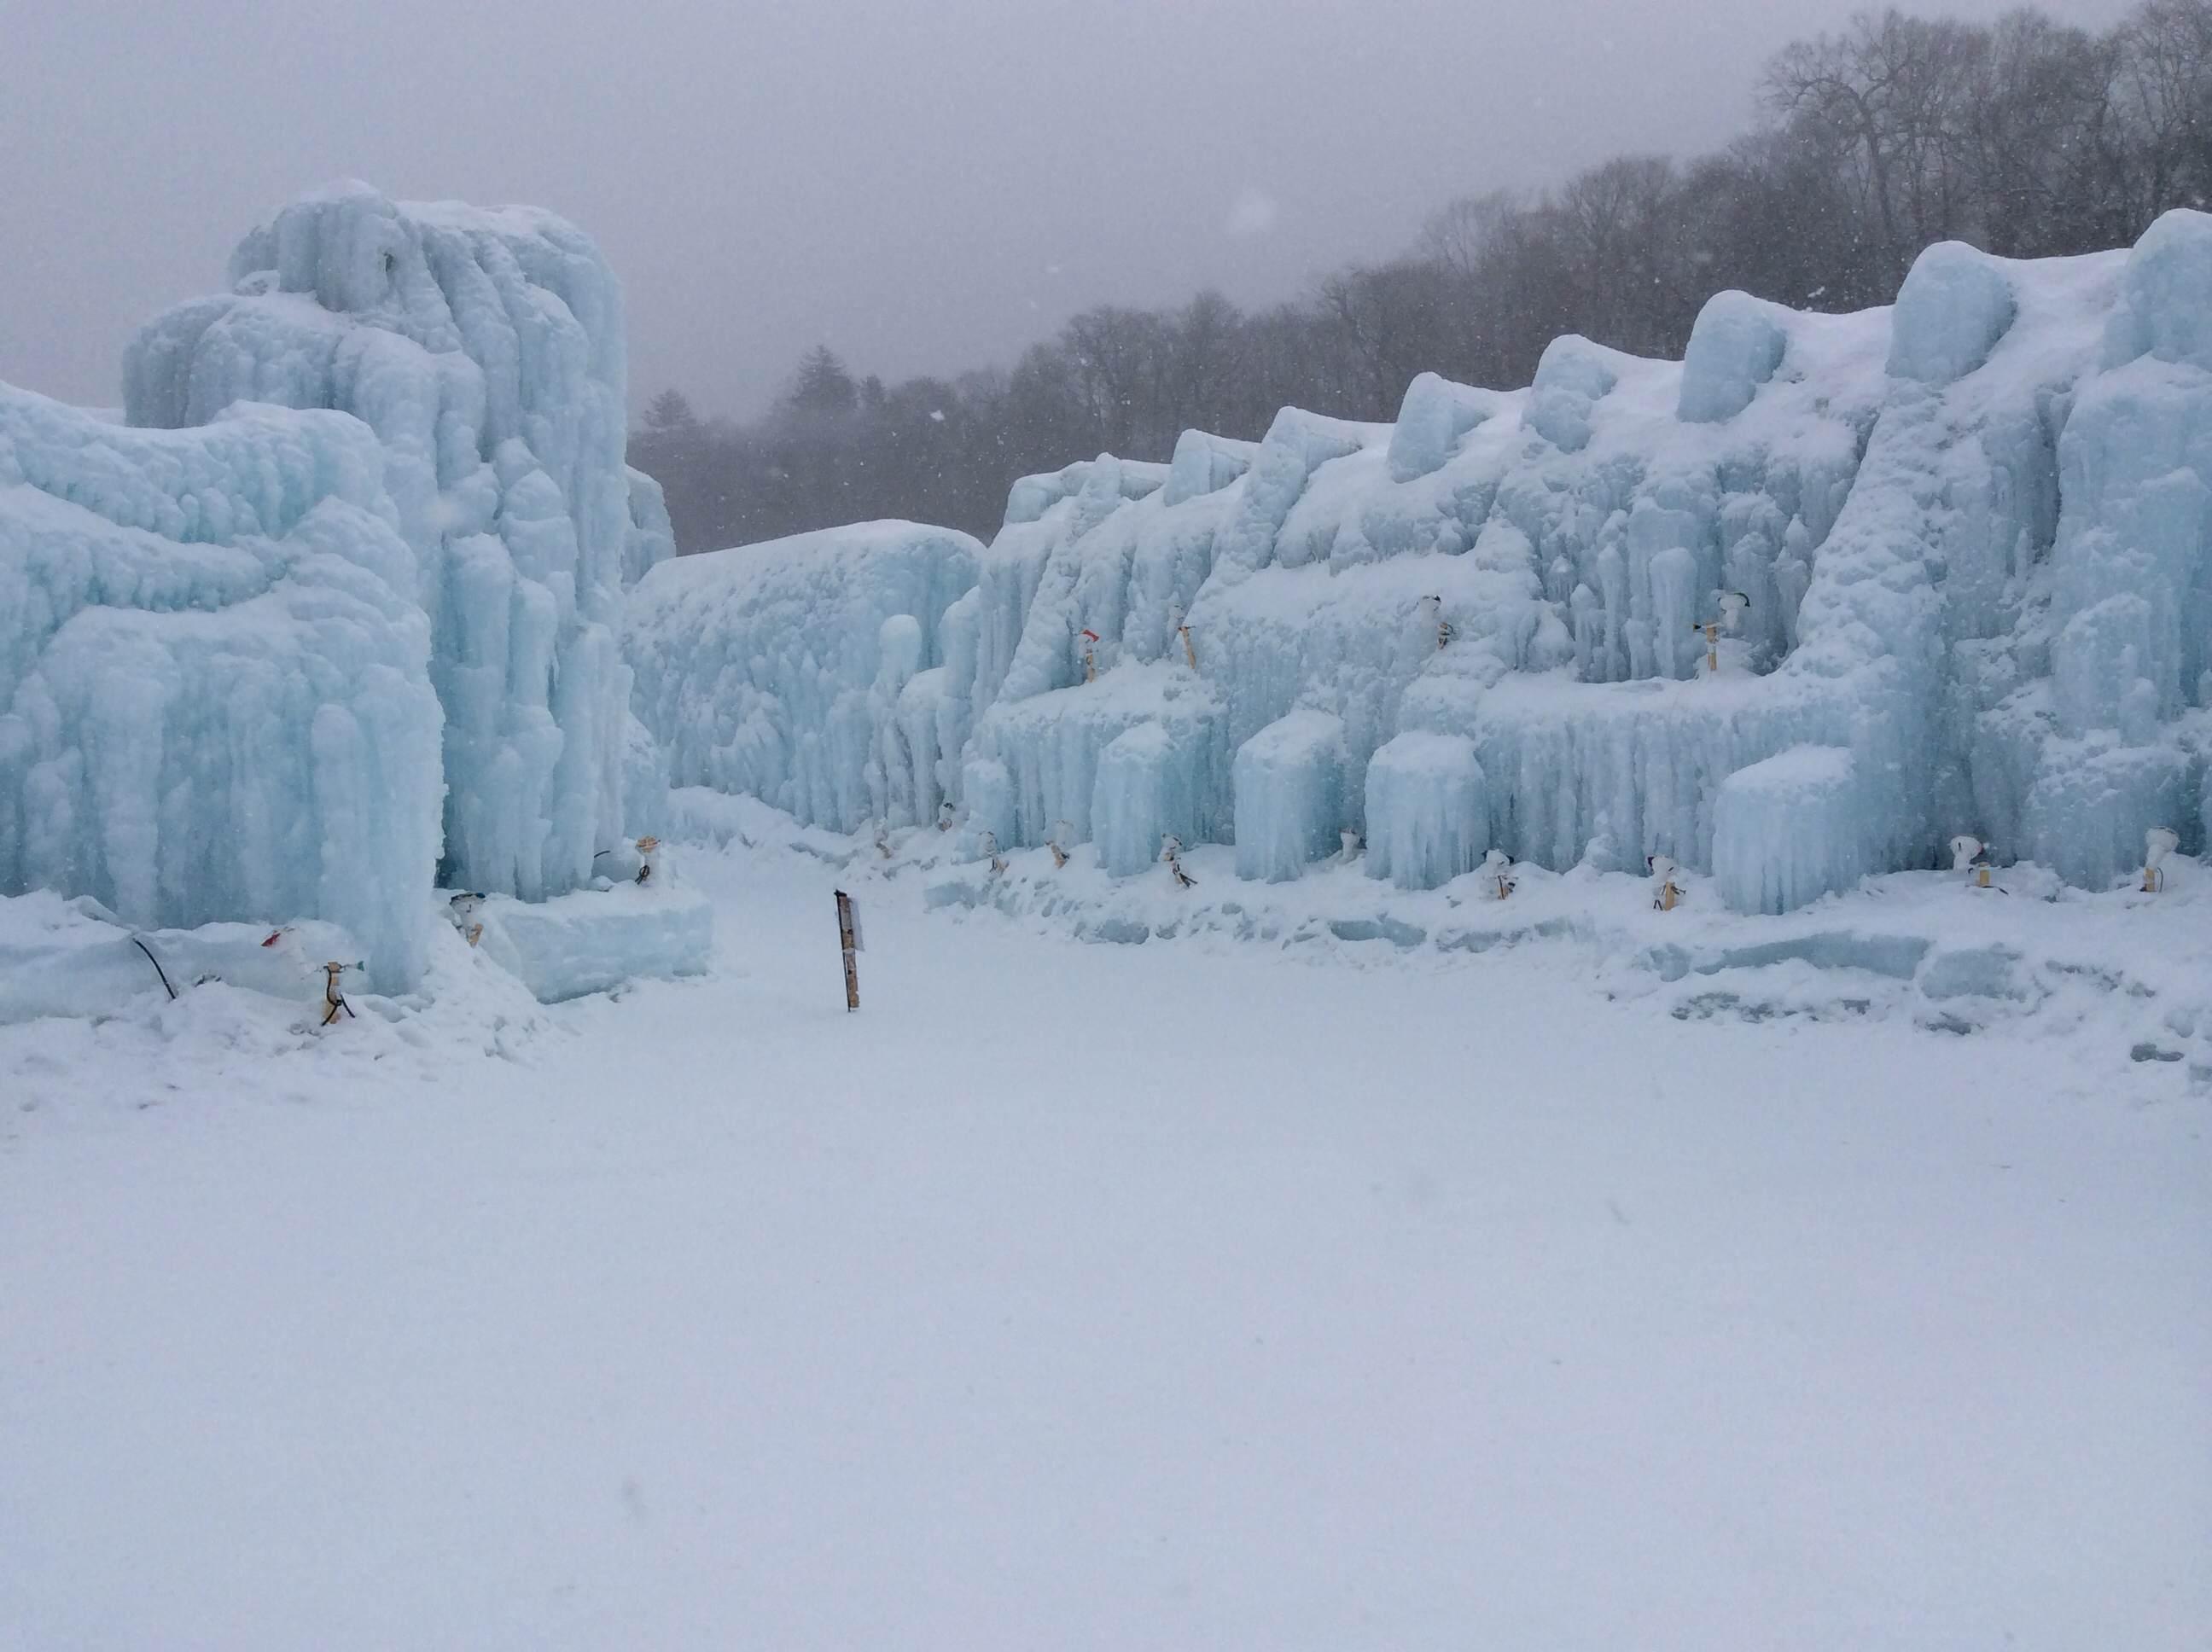 Hokkaido Snow Festival Tou 2014 Jtbusa Blog